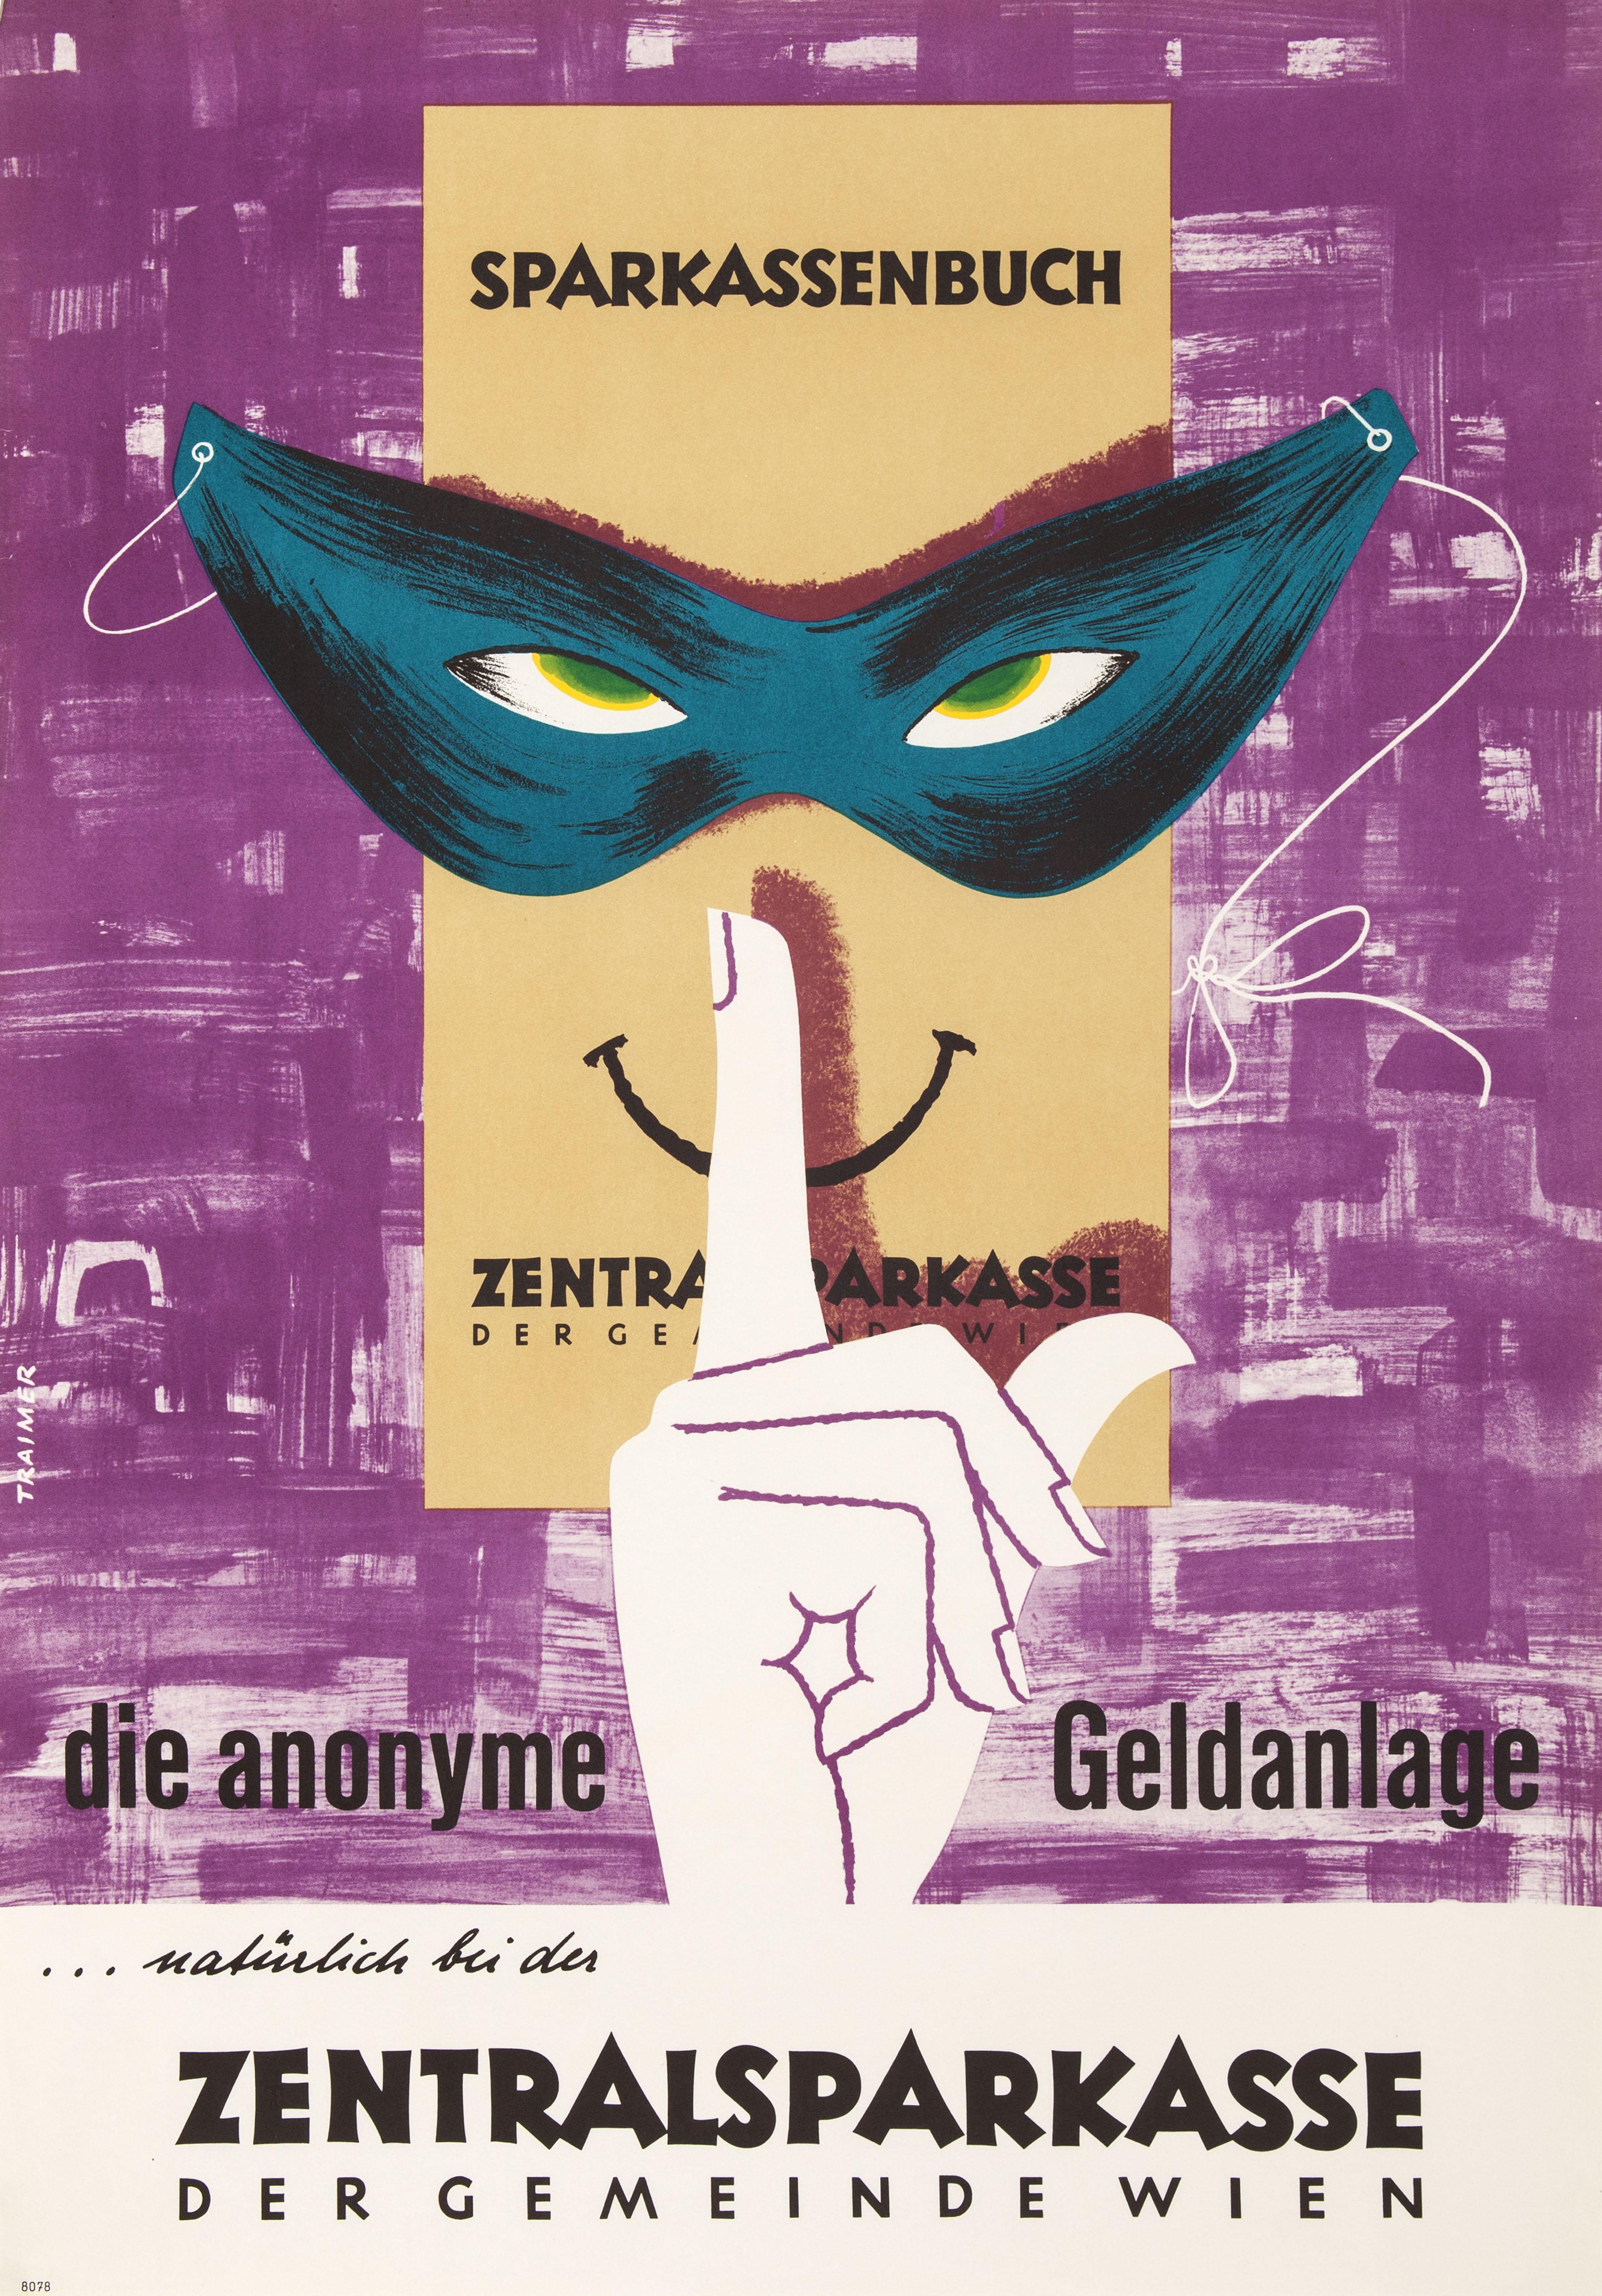 Sparkassenbuch - die anonyme Geldanlage Anonymes Sparbuch Oesterreich Geld verstecken